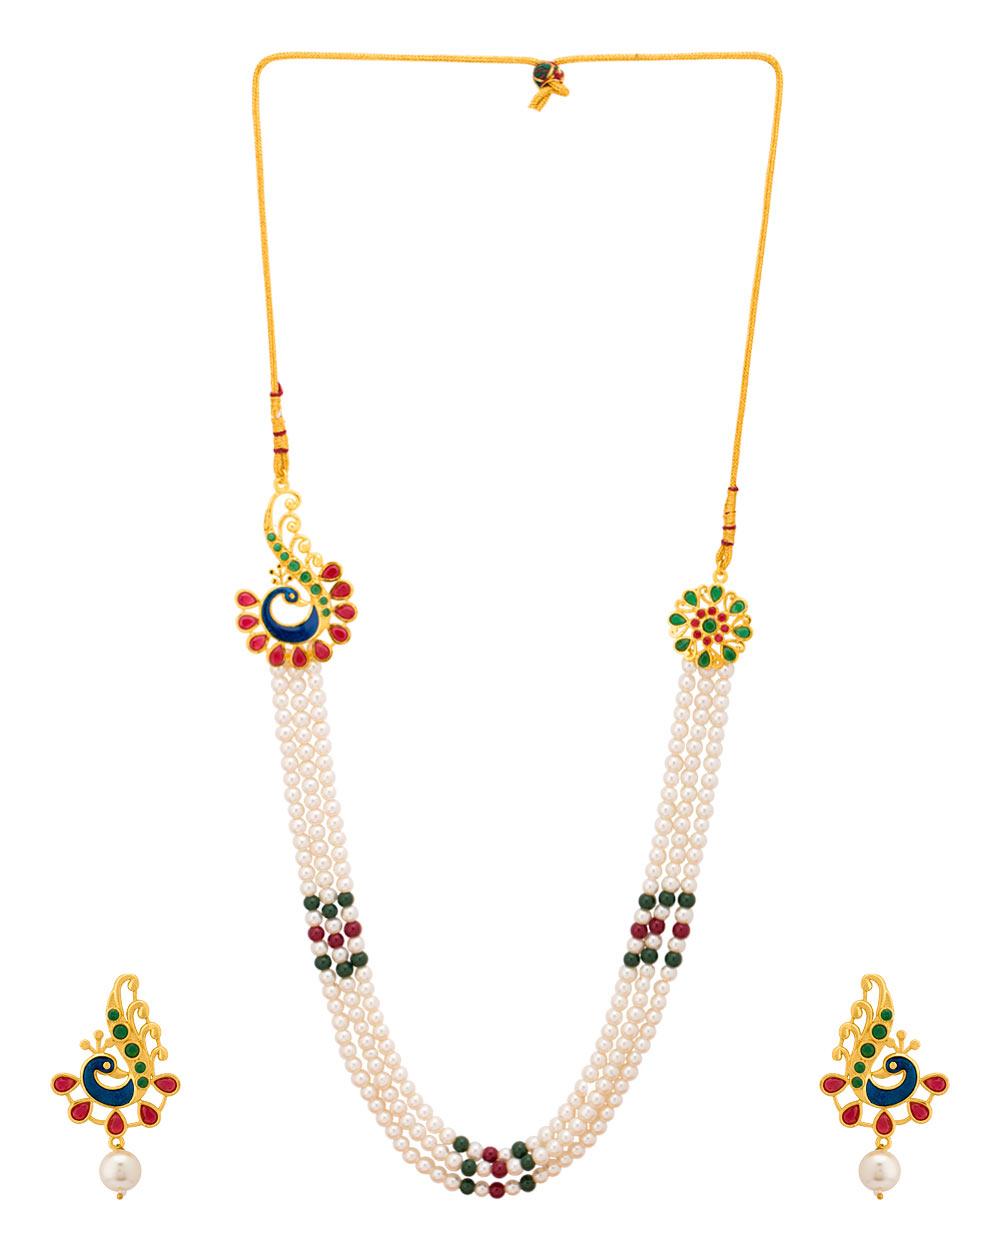 Buy Peacock Design Pearl Necklace Set Online India | Voylla